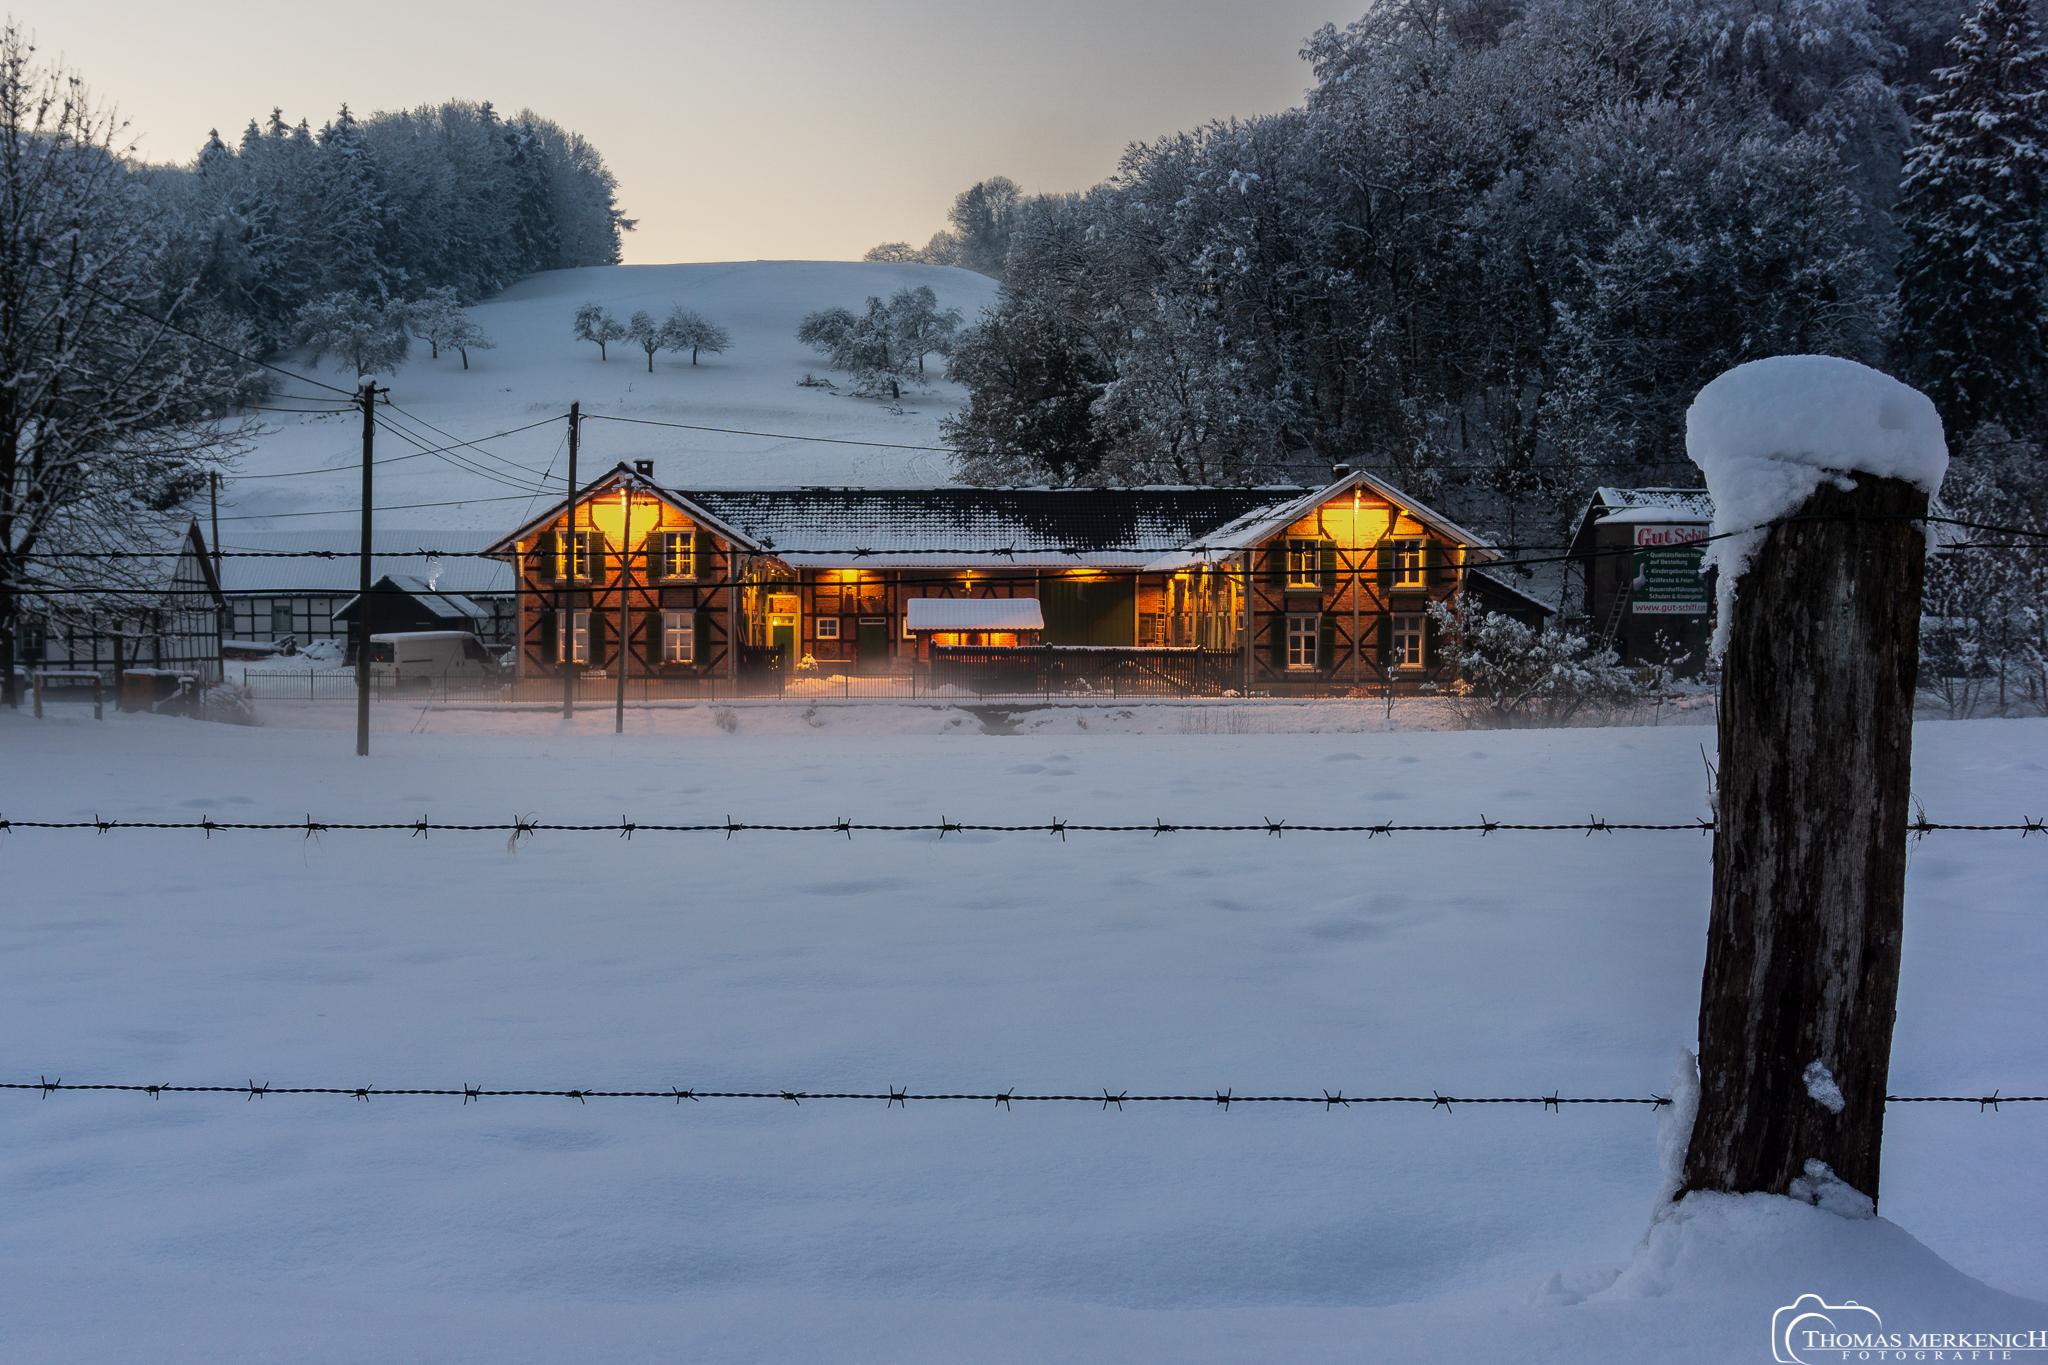 Bild der Woche: Ein Gut im Schnee